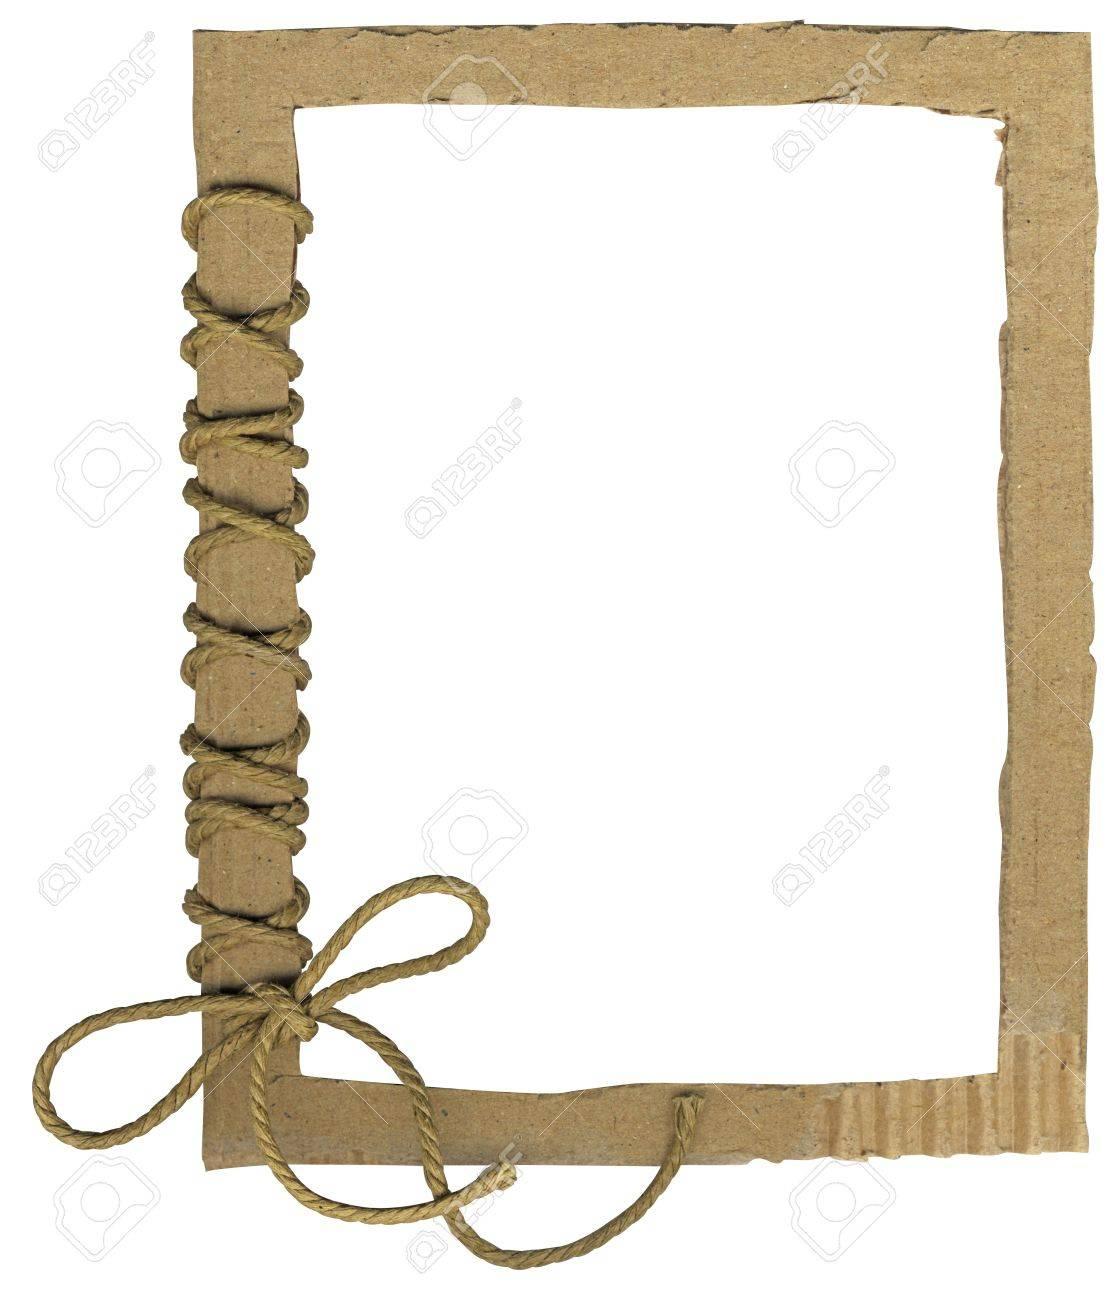 Marco Para Fotos De Cartón Con Una Cuerda De Proa Fotos, Retratos ...